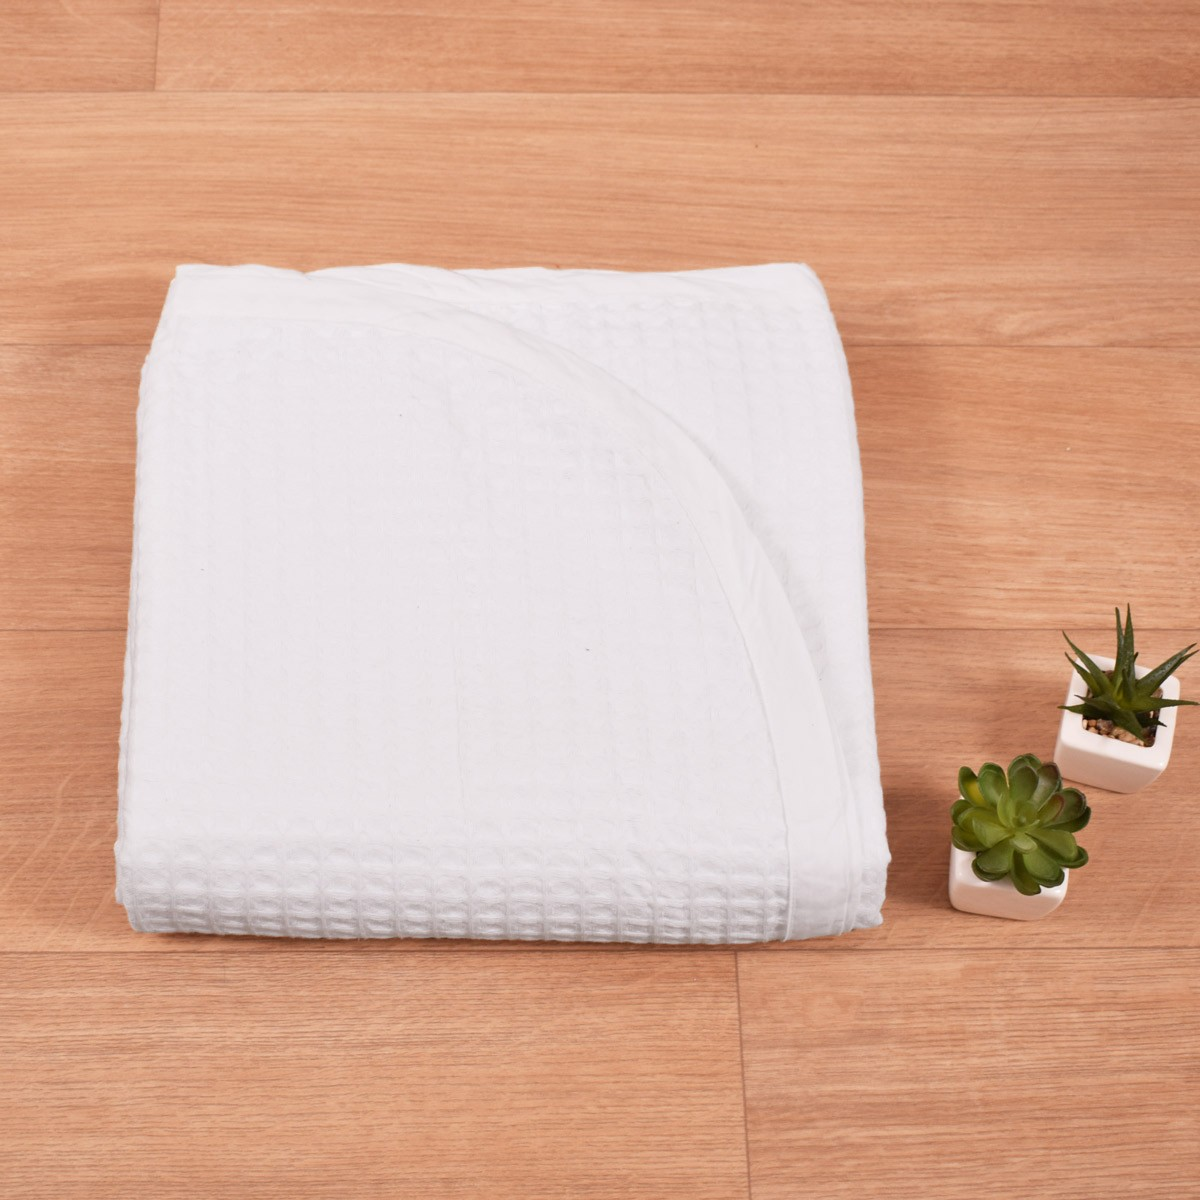 Κουβέρτα Πικέ (160x260) Λευκή 280gr/m2 home   επαγγελματικός εξοπλισμός   ξενοδοχειακός εξοπλισμός   κουβέρτες ξενοδοχε